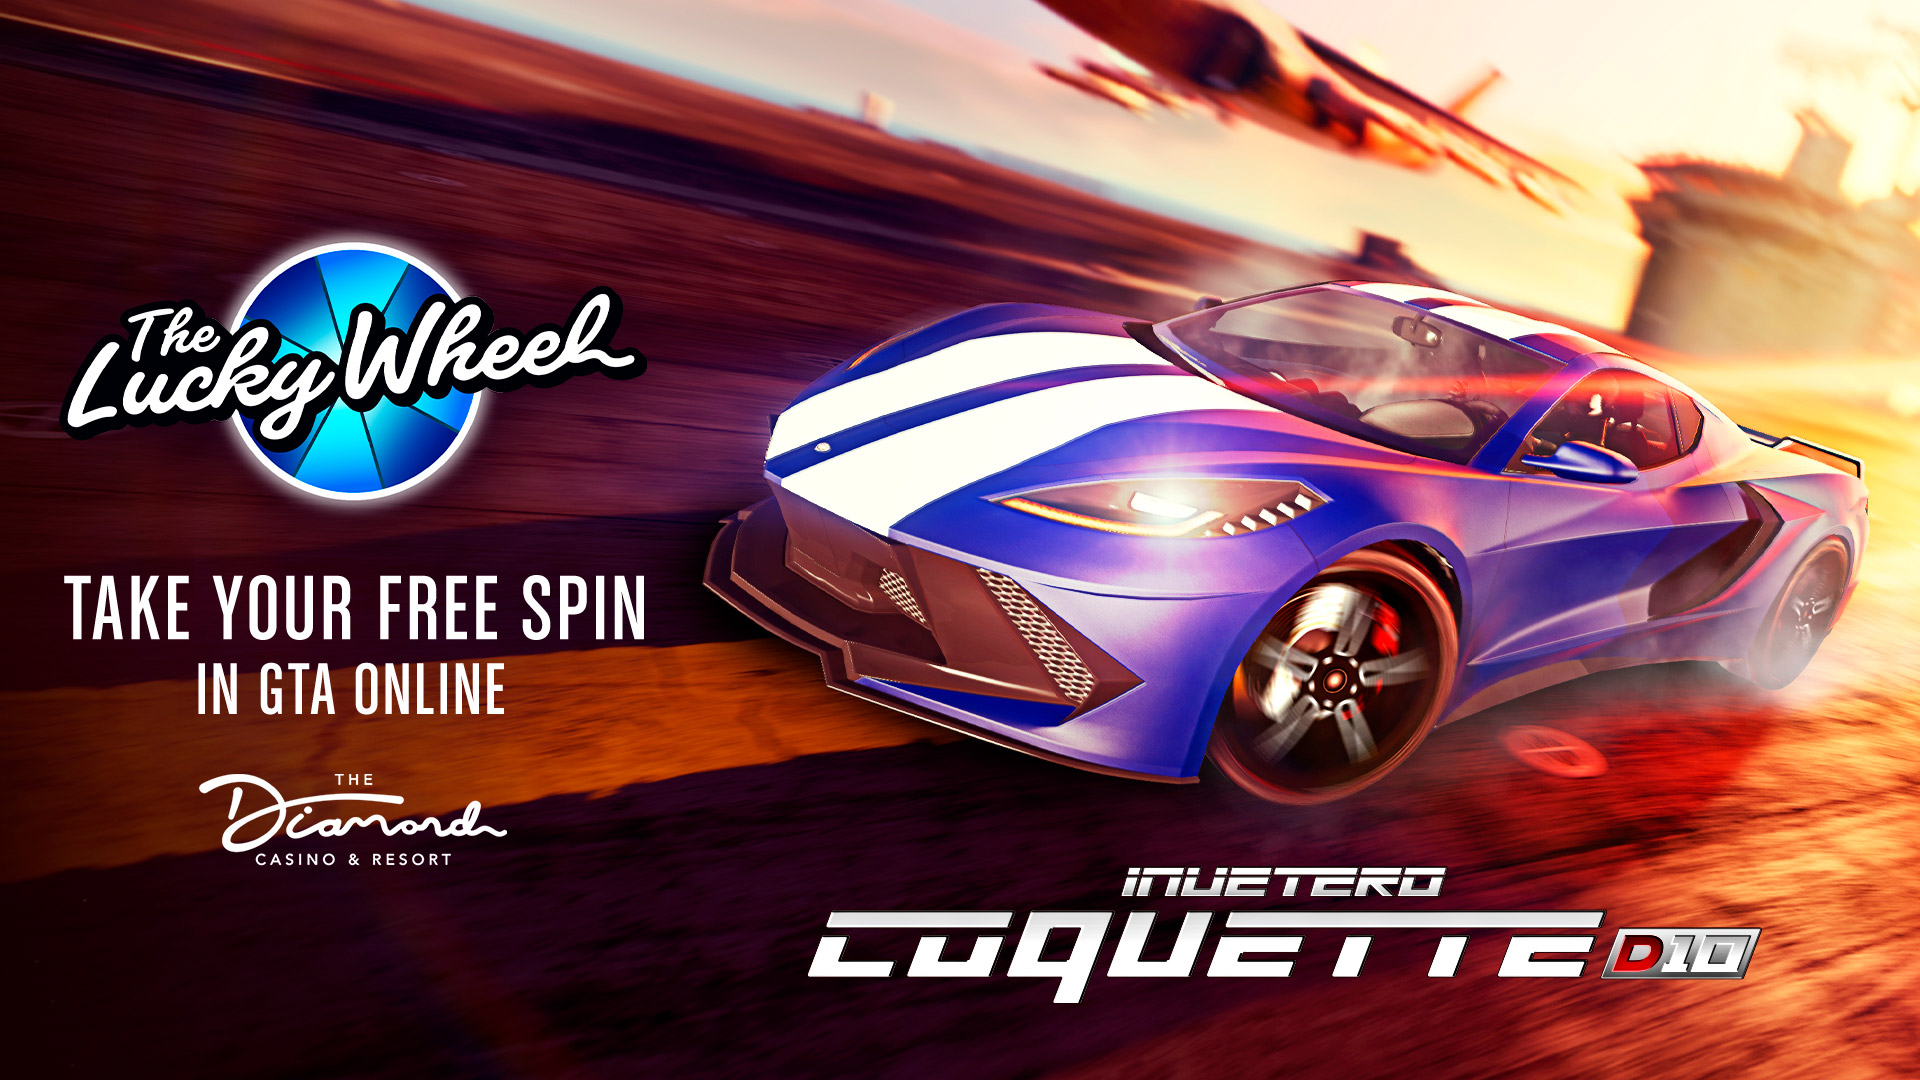 Coquette D10 - Podium Diamond Casino & Resort